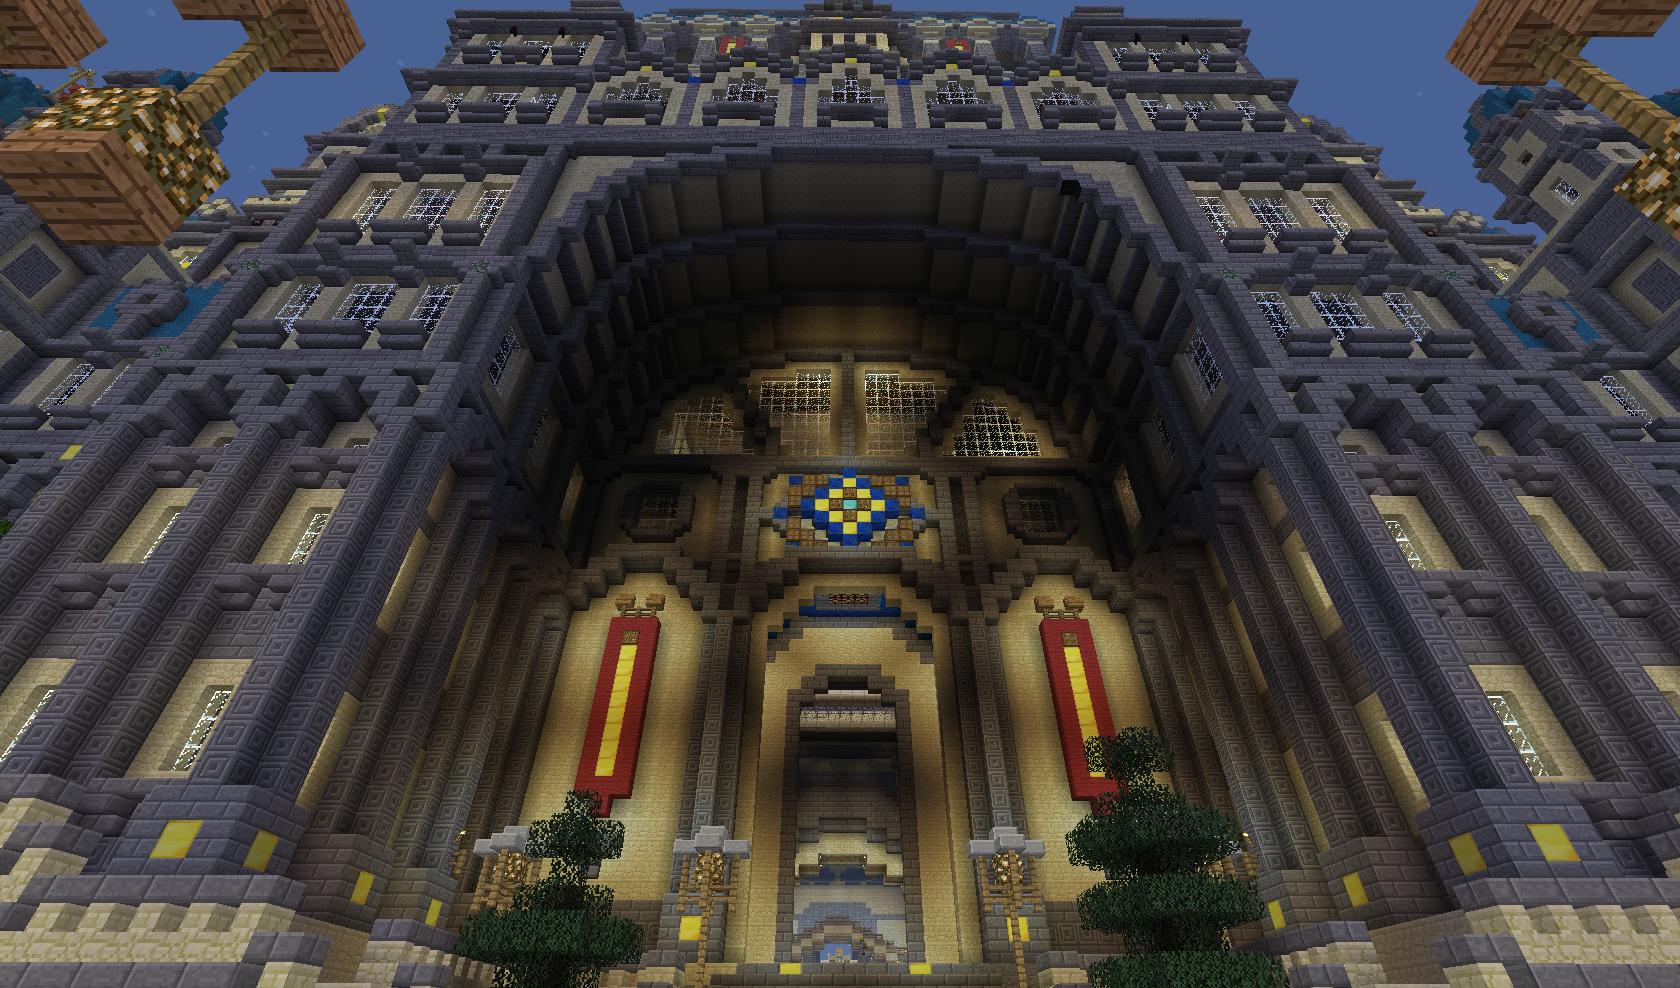 Katedra w Notre Dame